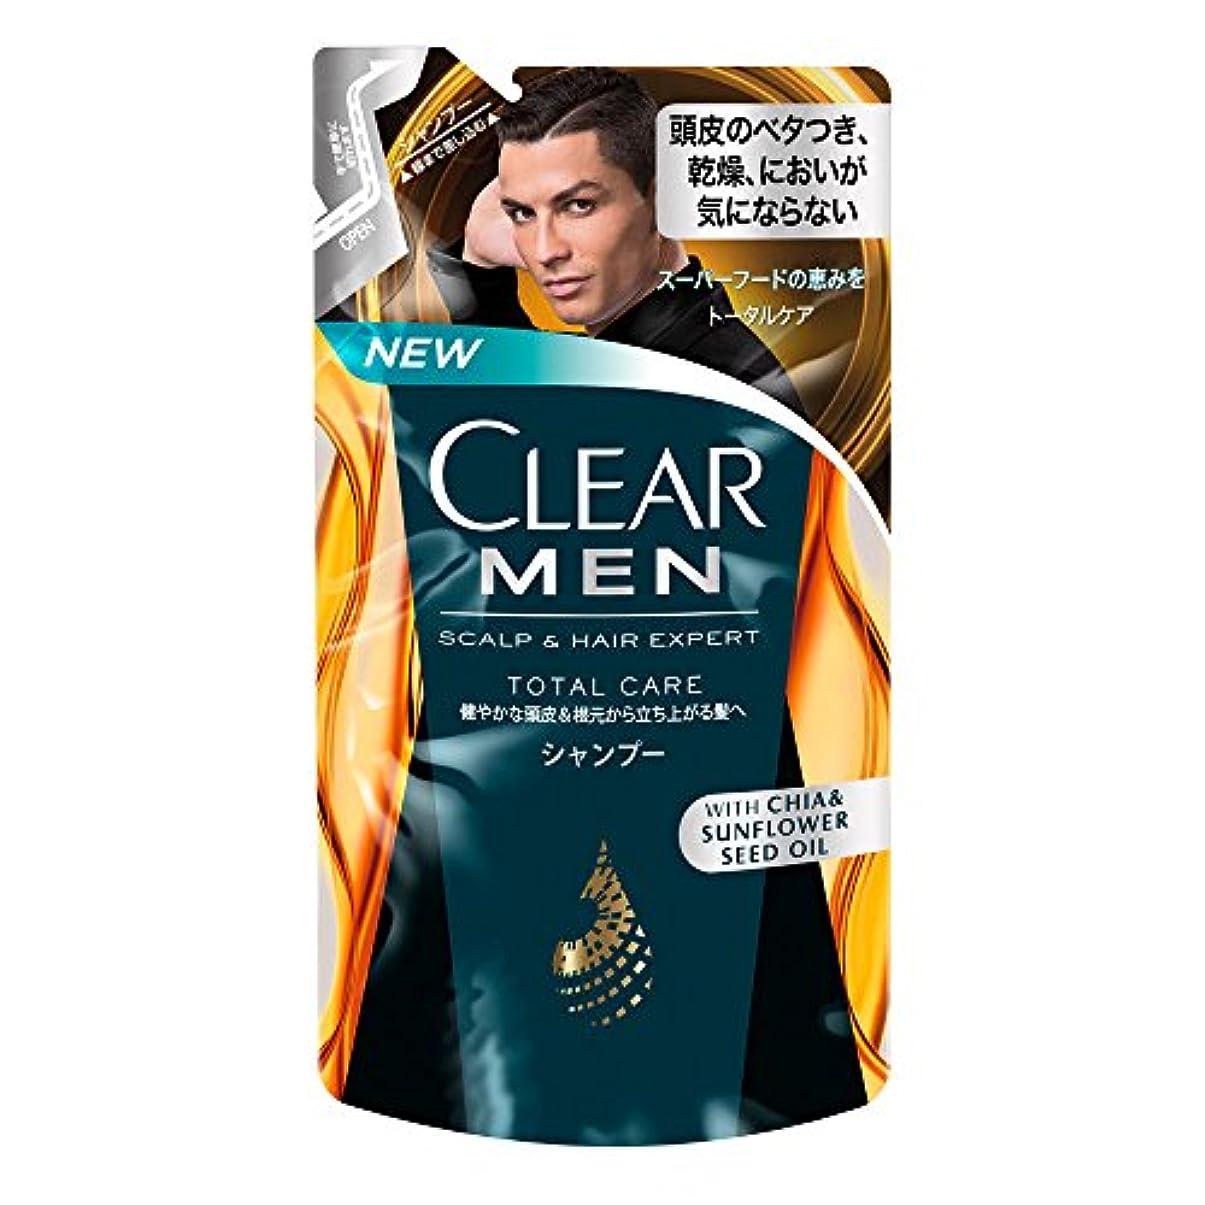 世界的にリベラルラジカルクリア フォーメン トータルケア 男性用シャンプー つめかえ用 (健やかな頭皮へ) 280g